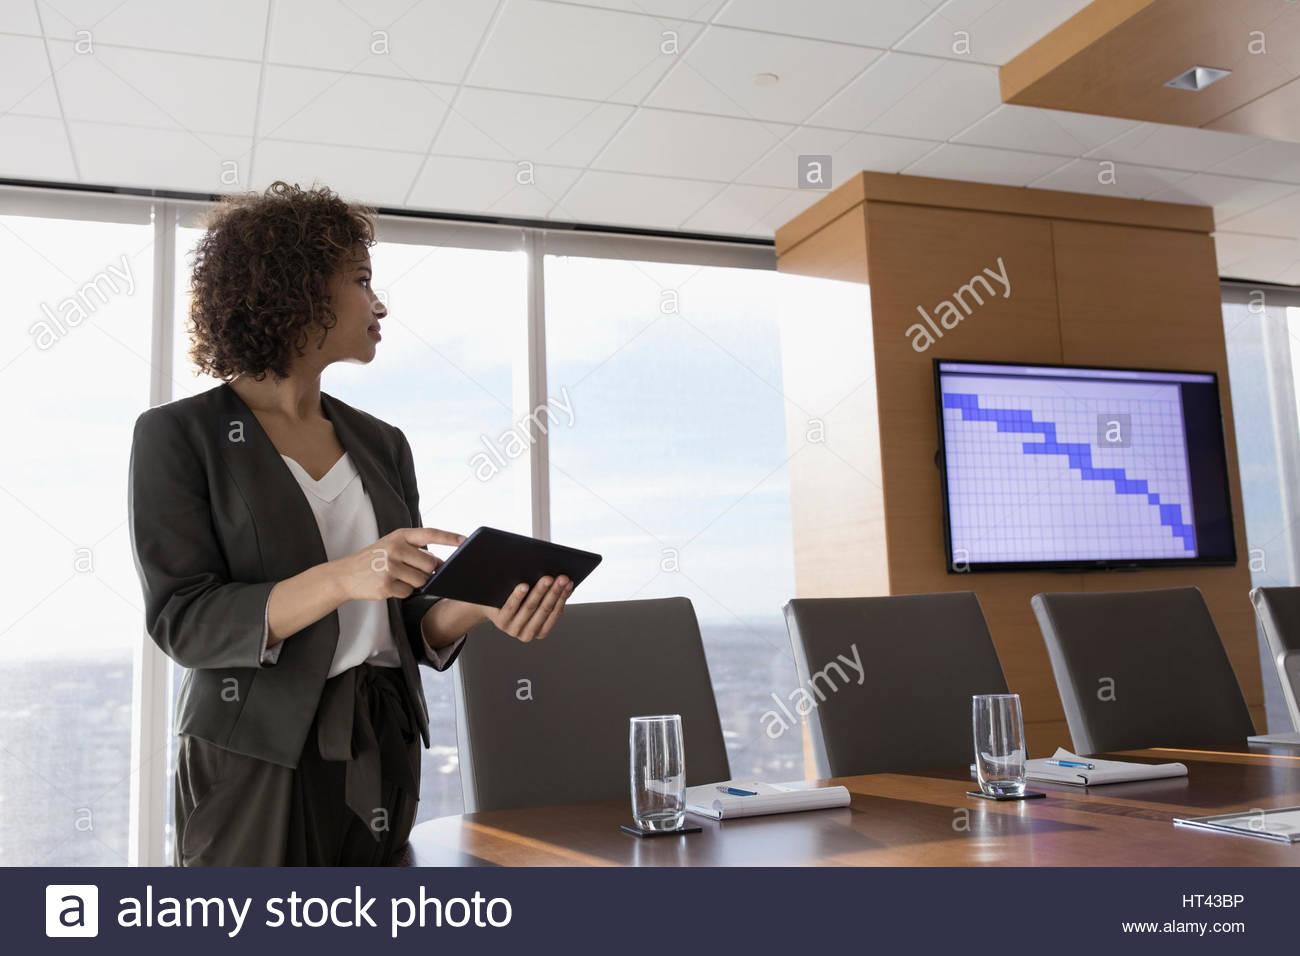 Imprenditrice con tavoletta digitale preparazione presentazione audio visiva in sala conferenze Immagini Stock